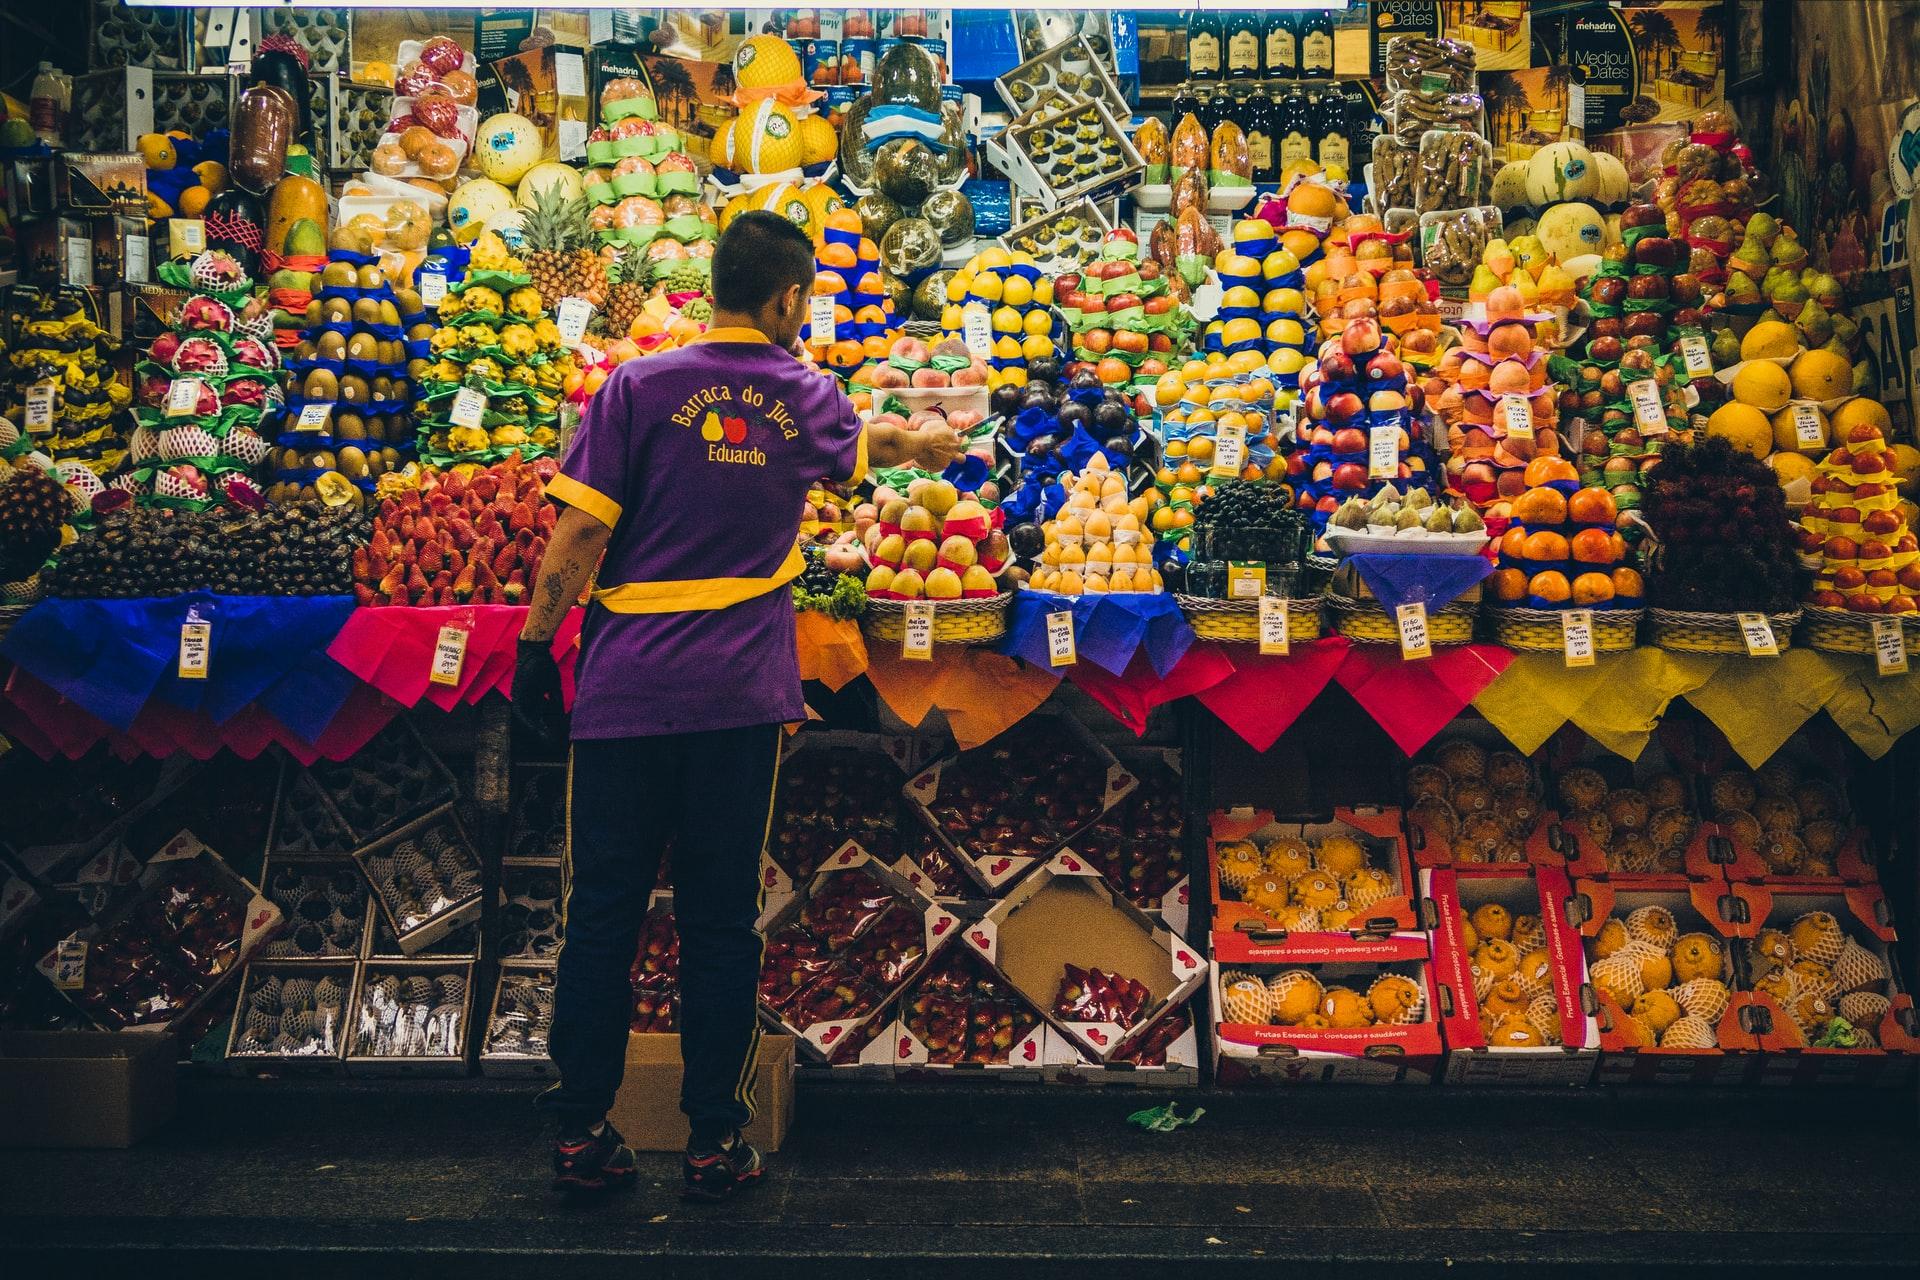 Acesso à alimentação saudável: como garantir sistemas alimentares resilientes e acessíveis nas cidades